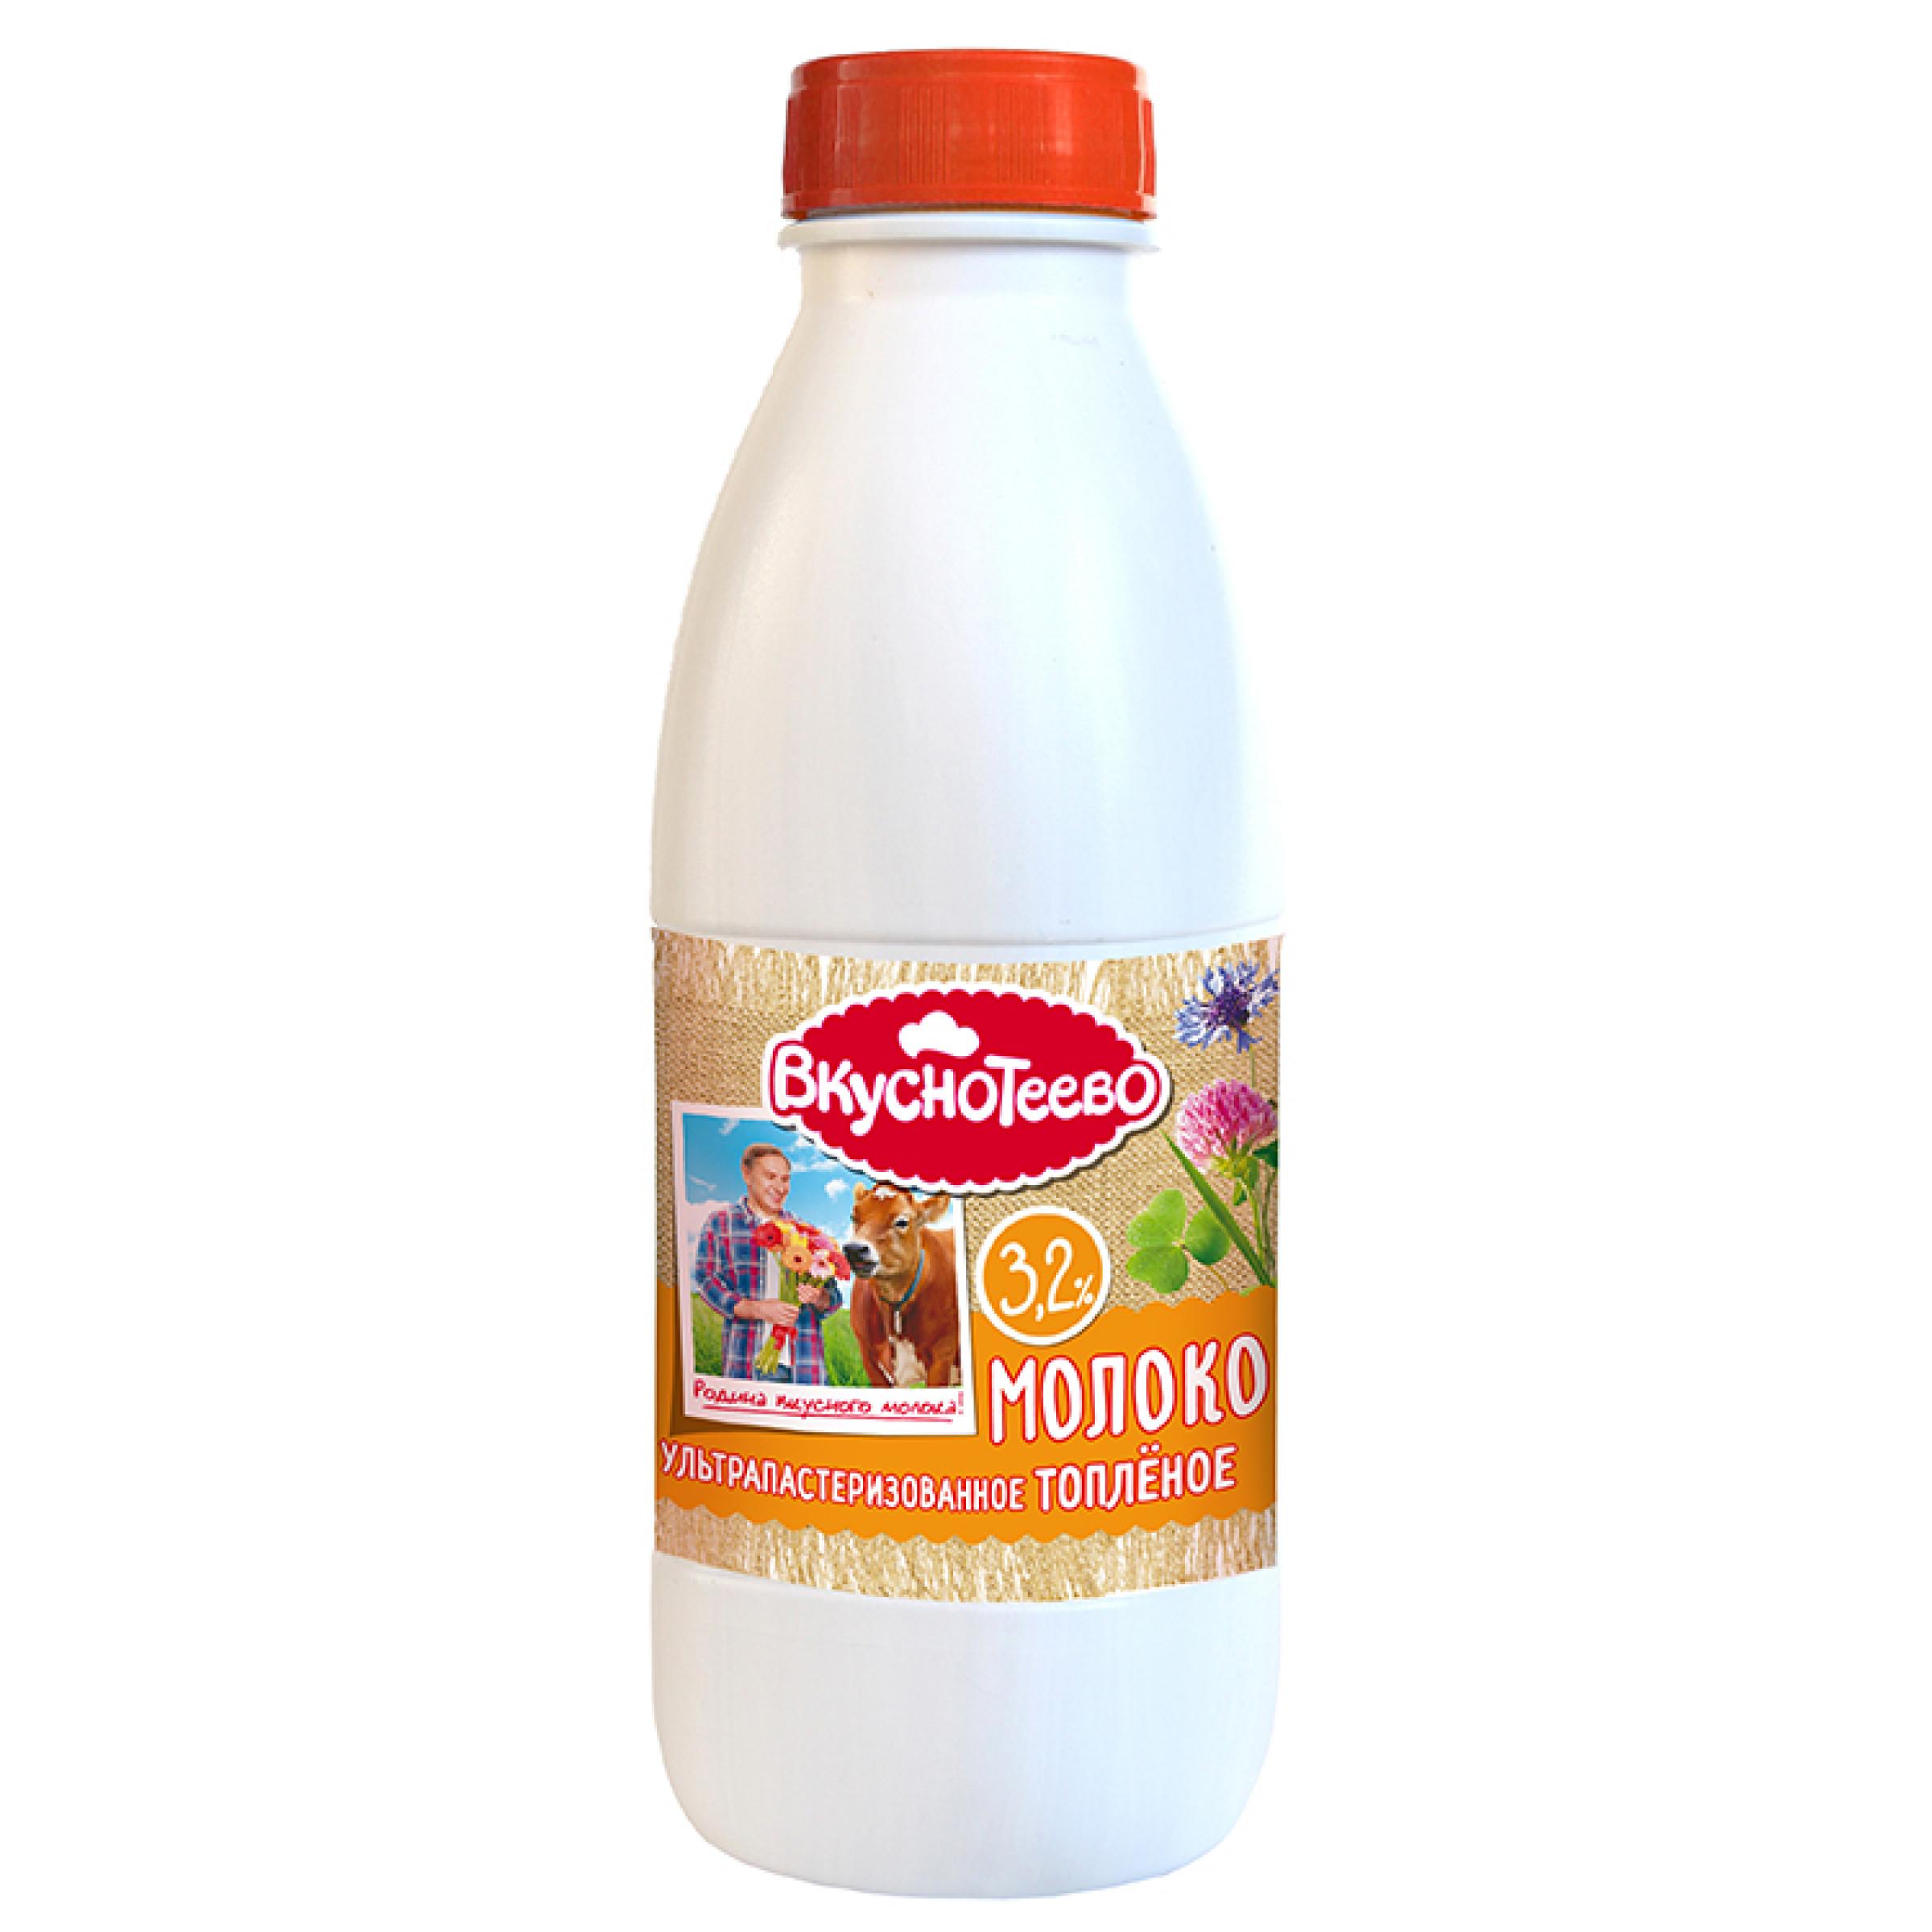 """Молоко топлёное """"Вкуснотеево"""" 3,2% ультрапастеризованное, 900гр."""